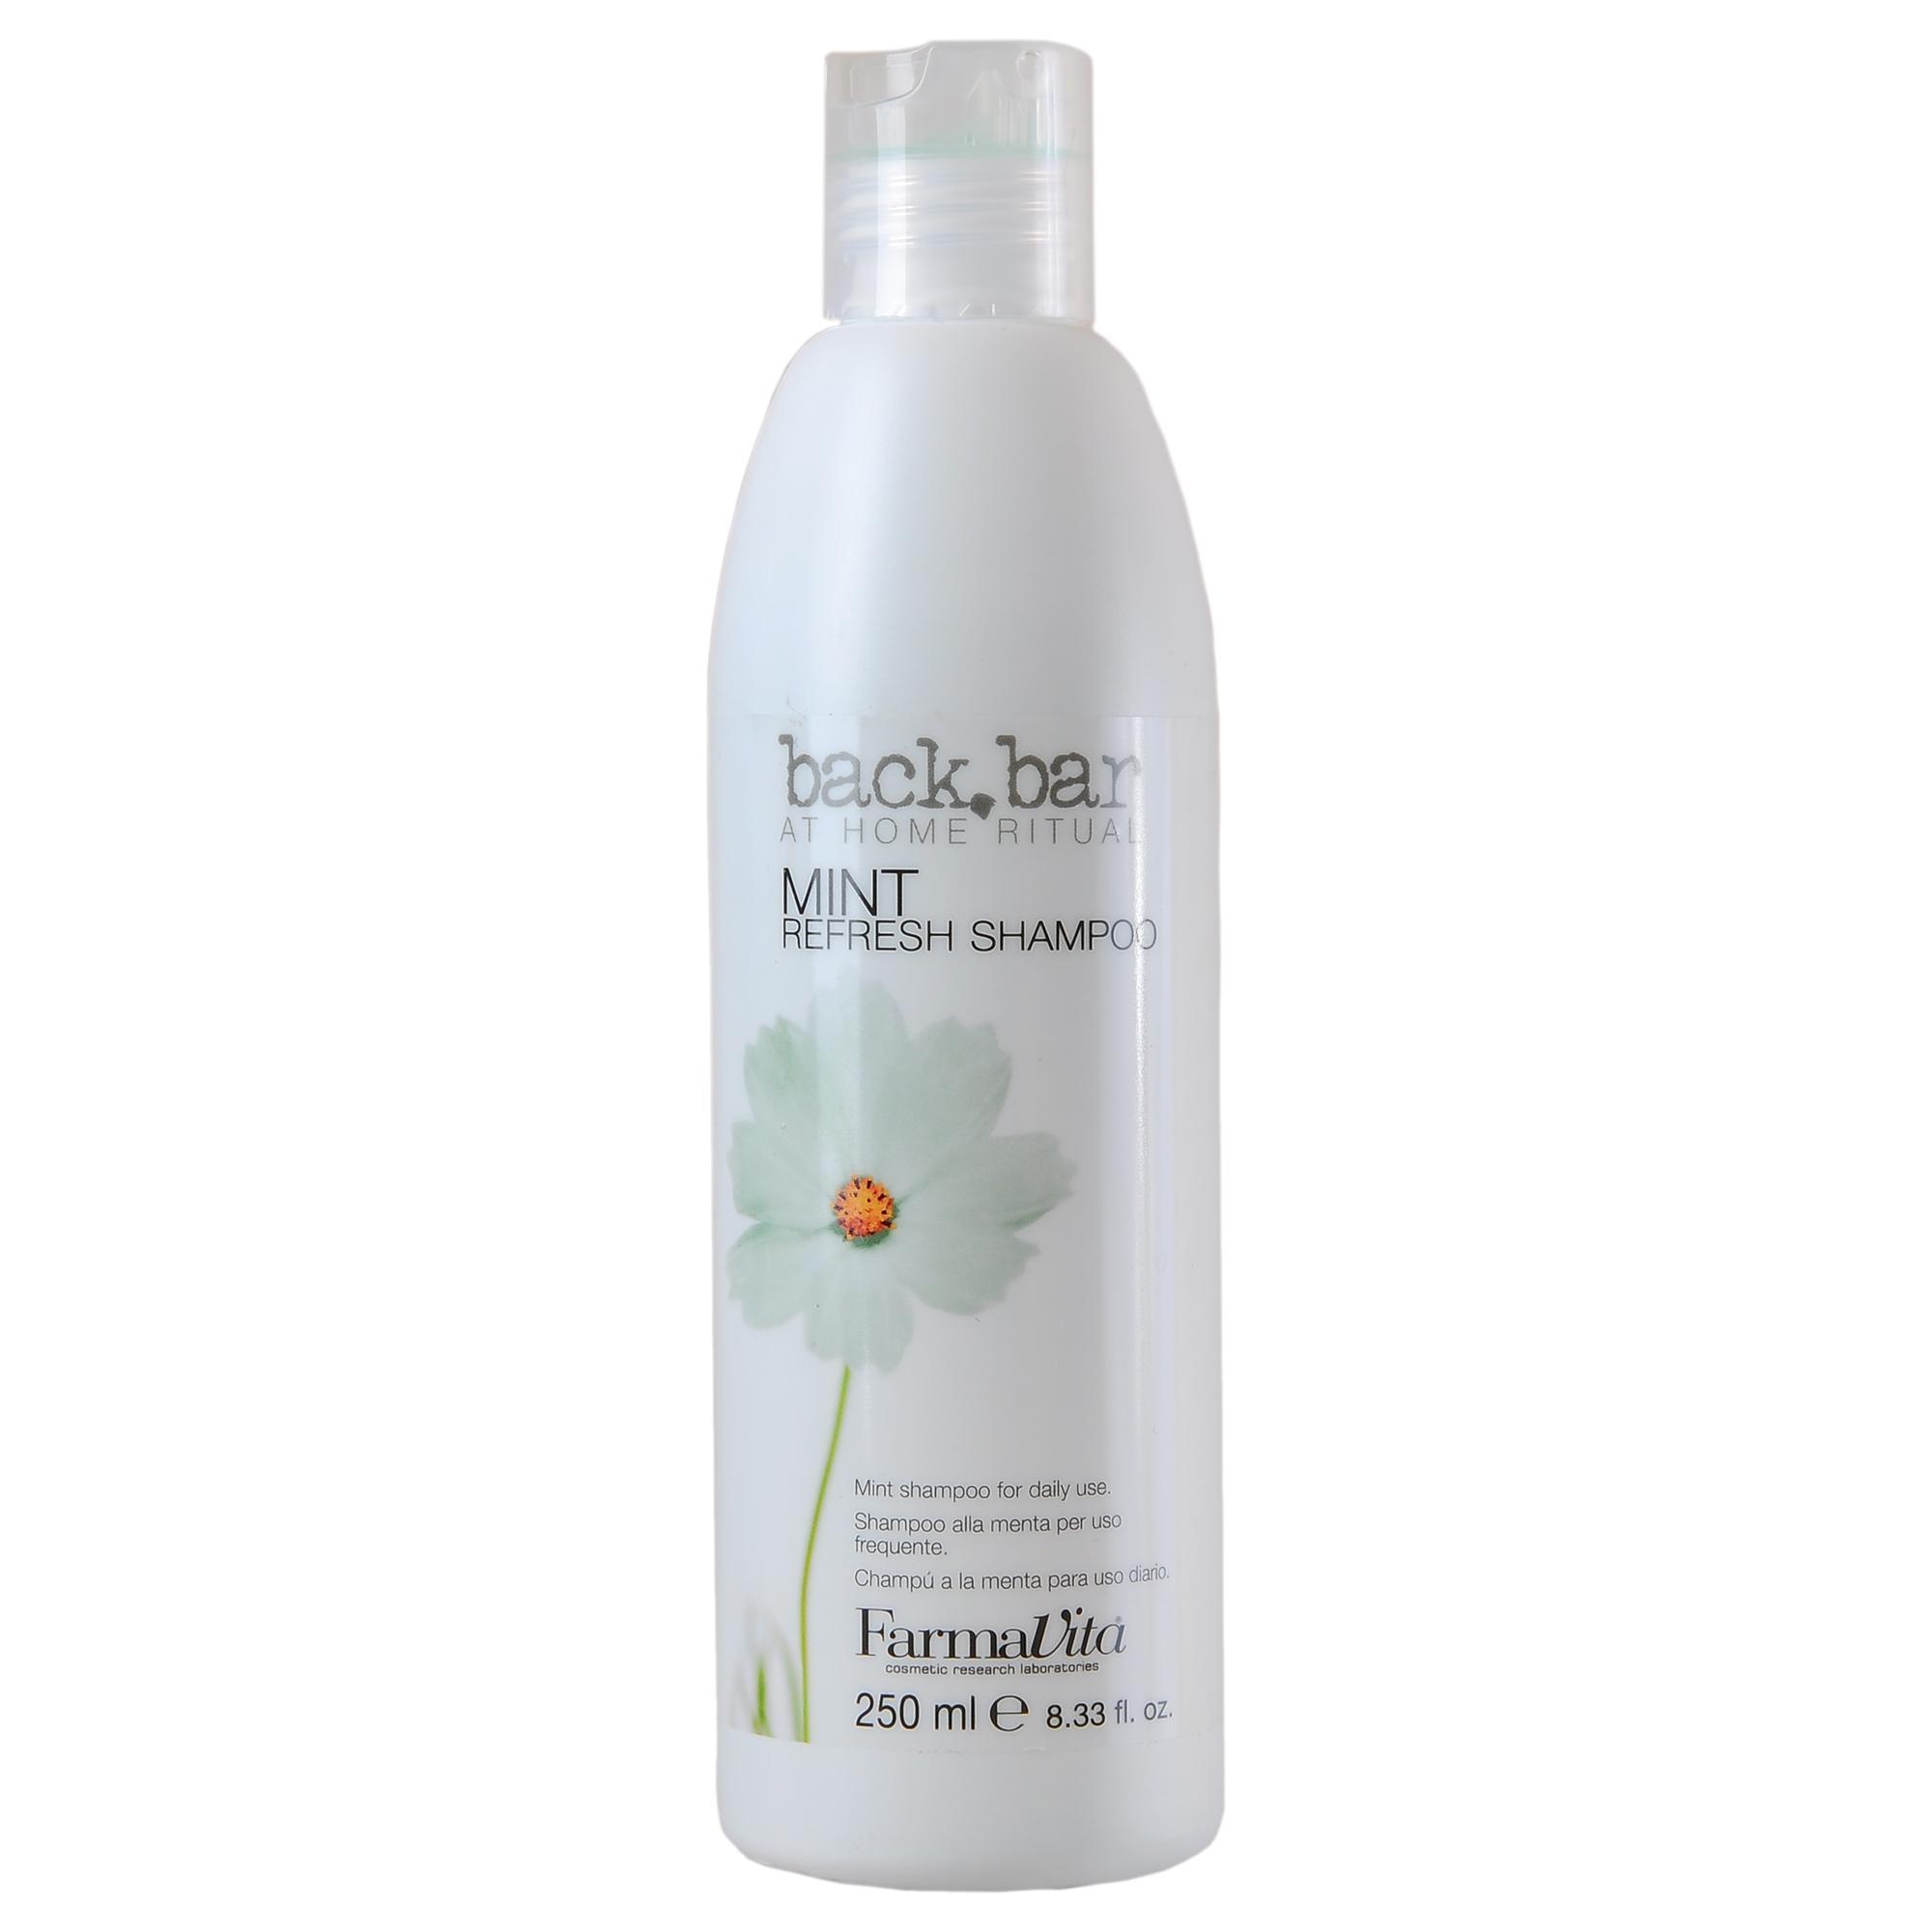 FARMAVITA Шампунь ментоловый Mint Shampoo / BACK BAR 250 млШампуни<br>Ментоловый шампунь Back Bar - профессиональный продукт для использования в салоне. Имеет нейтральный pH. Шампунь для всех типов волос. Подходит для ежедневного использования. Идеально очищает волосы, оптимально подготавливает их для дальнейшей обработки - глубокая очистка перед химическими процедурами (окрашивание волос, завивка, выпрямление и т.д.). Великолепно удаляет излишнее количество укладочных средств. Рекомендуется также для потеющей и жирной кожи головы. Активные ингредиенты: экстракт мяты. Способ применения: нанесите шампунь Back Bar Mint на увлажненную кожу головы. Массирующими движениями распределите шампунь по волосам, затем бережно смойте. При необходимости повторите процедуру. Нанесите подходящее для ваших волос средство для ухода. Рекомендуется использовать перед химическими процедурами, чтобы добиться стабильного результата. Оставьте средство на волосах на 3 минуты перед использованием красок прямого действия, чтобы подготовить волосы к лучшему впитыванию красящих пигментов.<br><br>Объем: 250 мл<br>Тип кожи головы: Жирная<br>Класс косметики: Профессиональная<br>Типы волос: Для всех типов